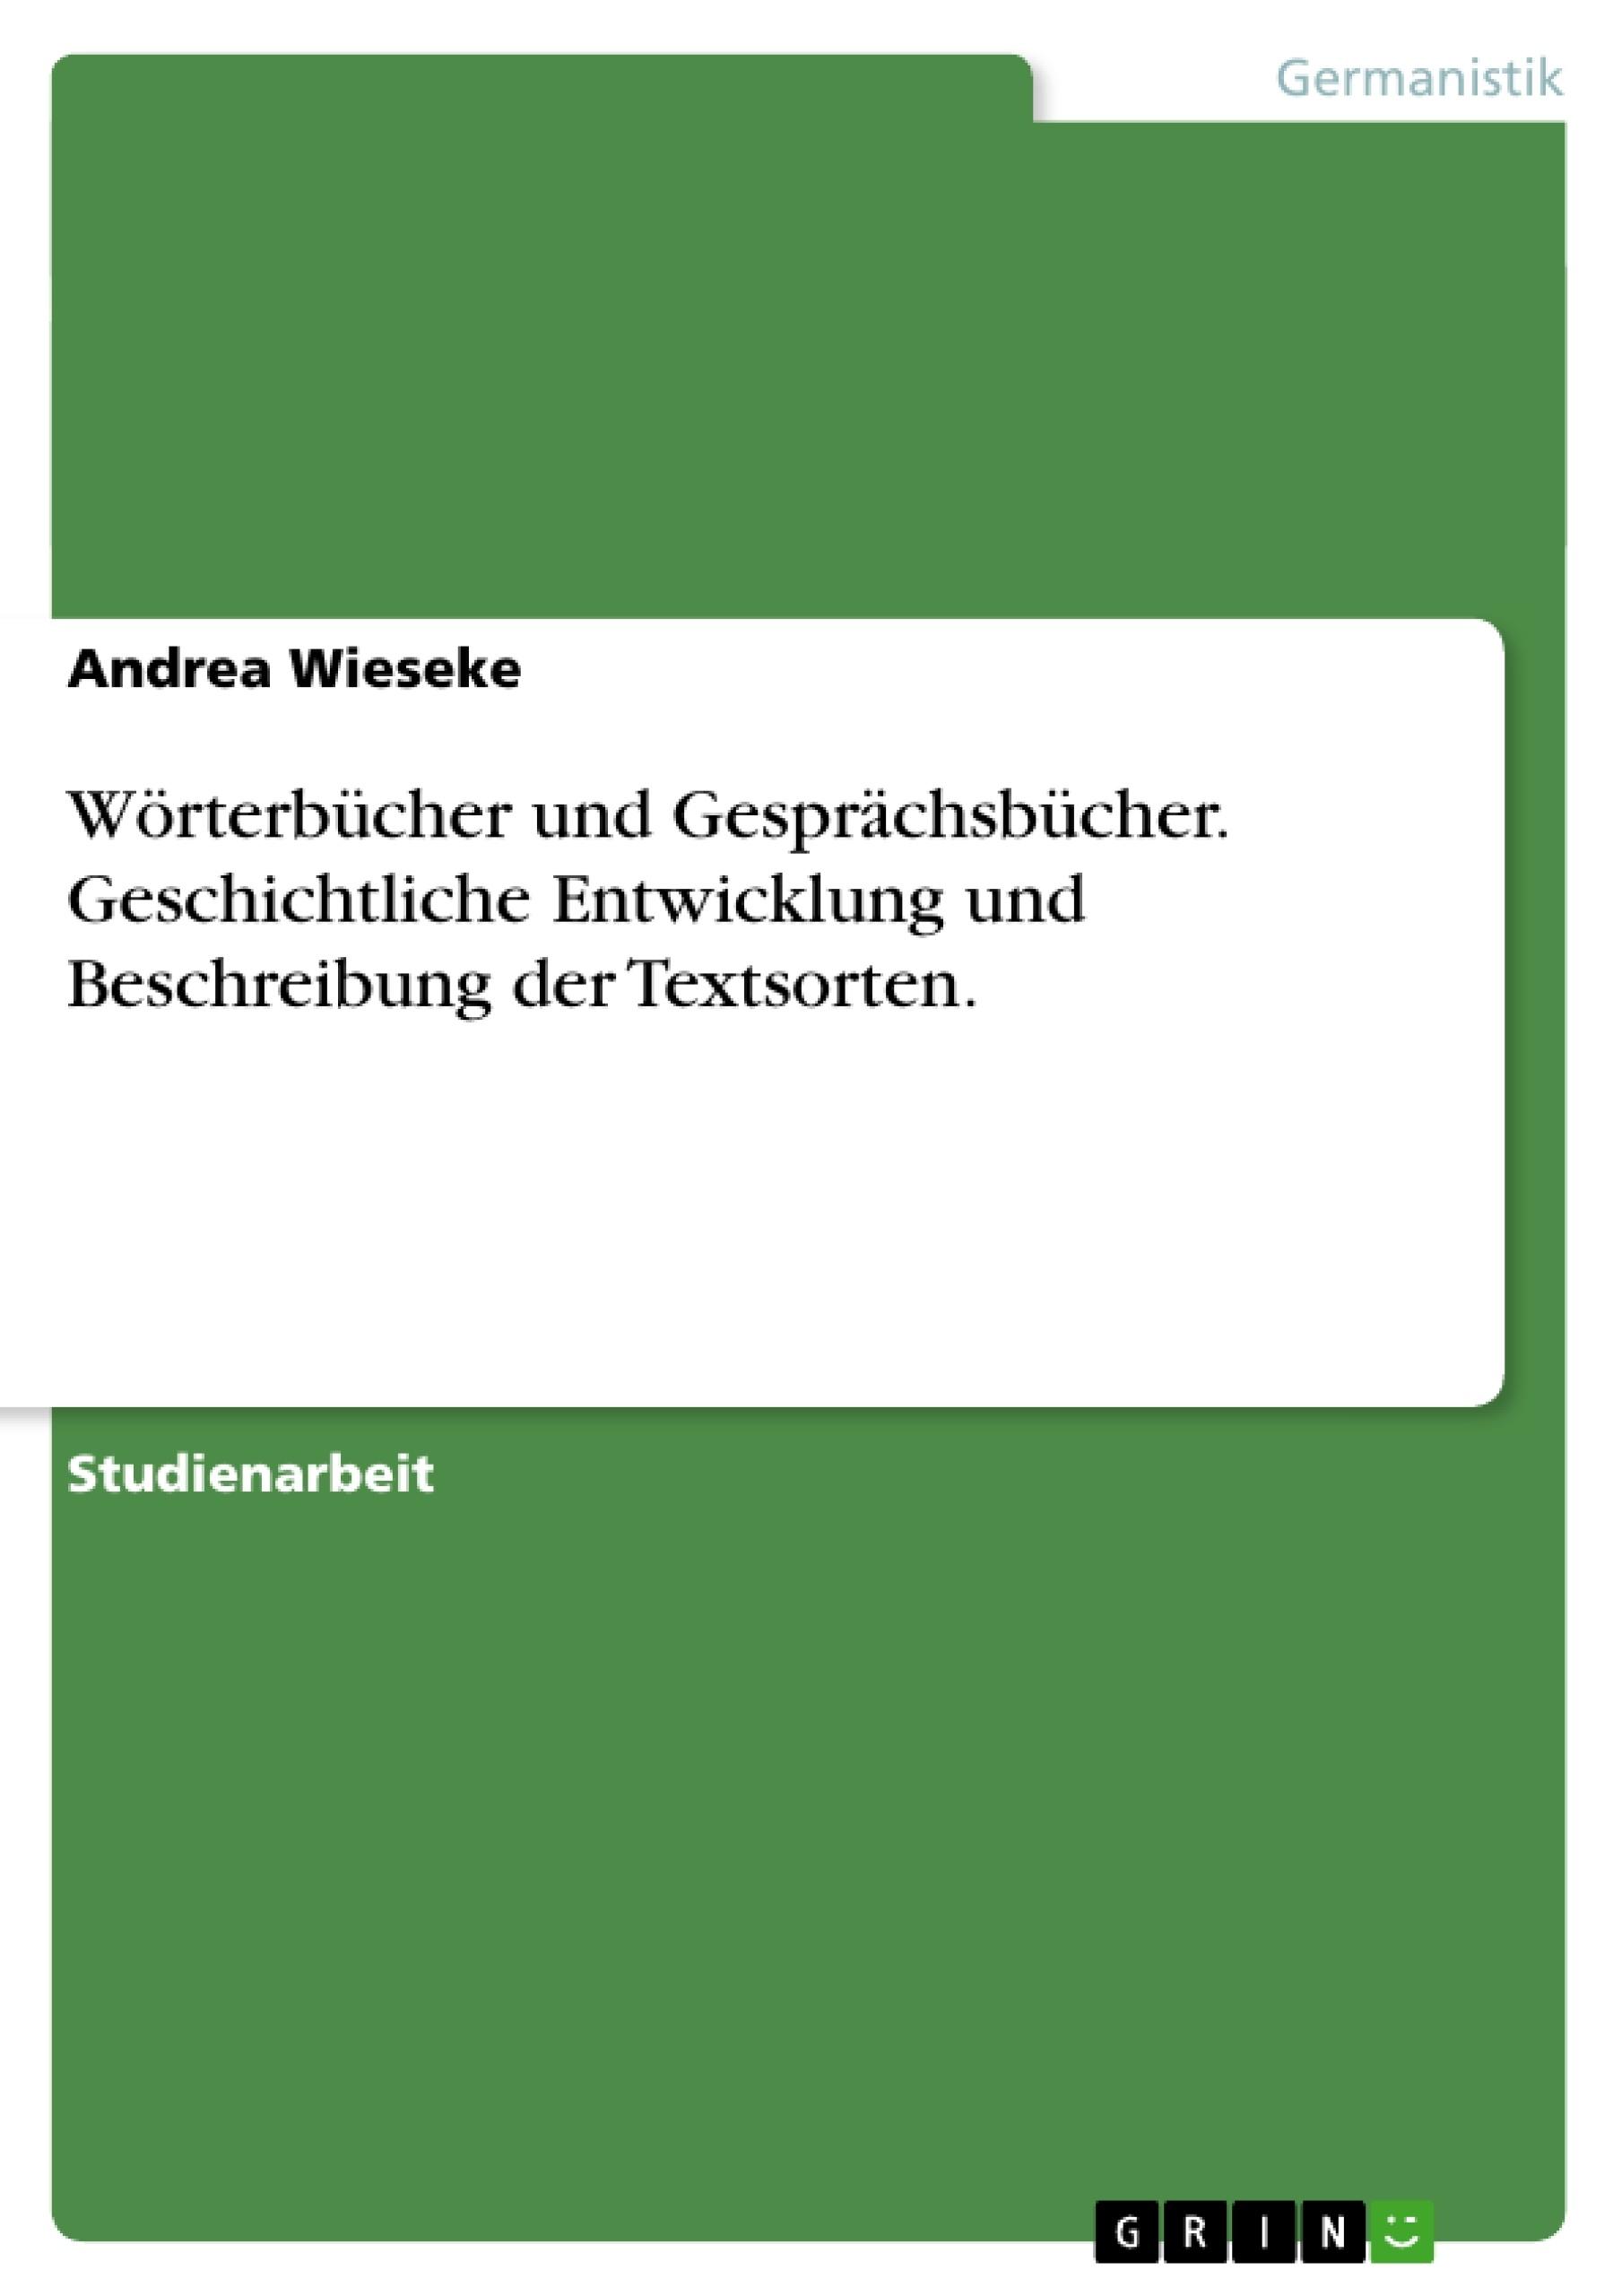 Titel: Wörterbücher und Gesprächsbücher. Geschichtliche Entwicklung und Beschreibung der Textsorten.